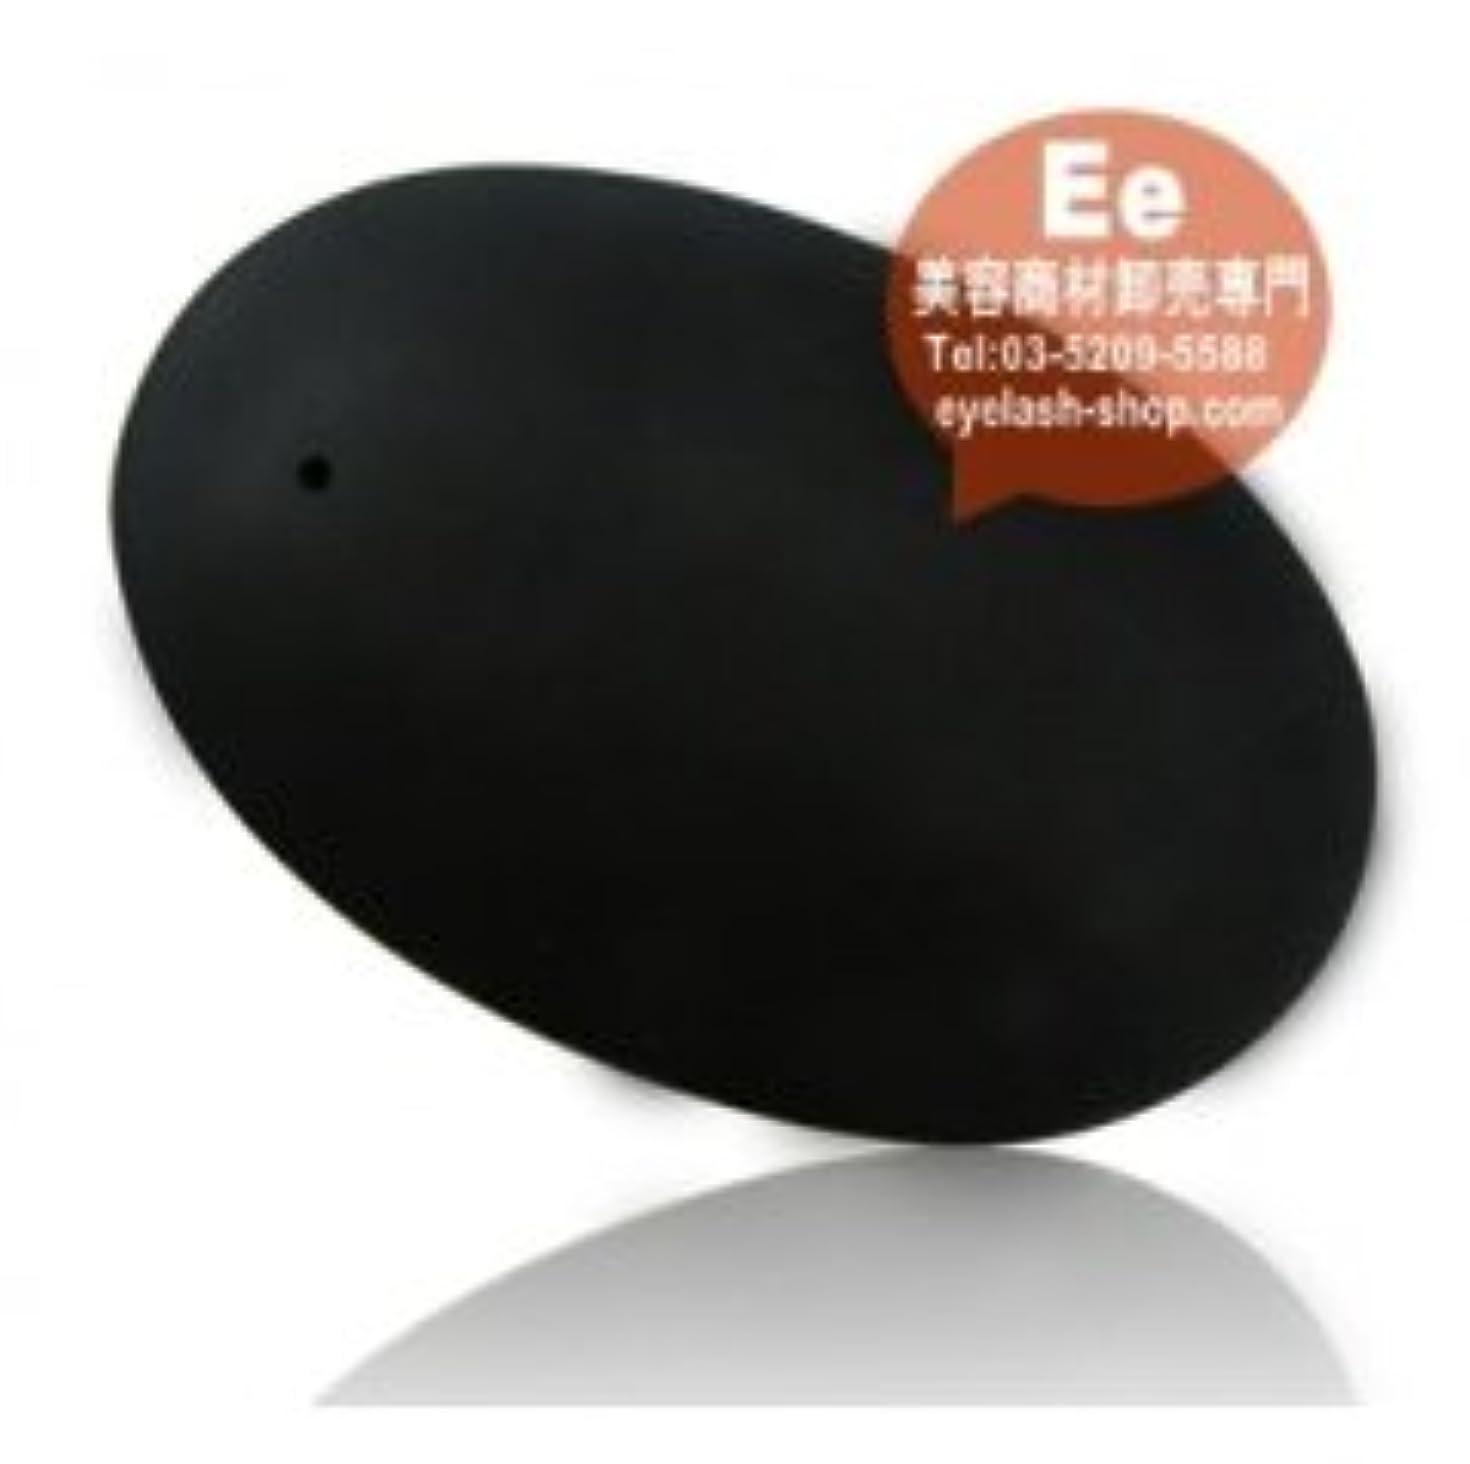 余計な一般化する杖【100%本物保障】最高級天然石美容カッサプレート 天然石カッサ板 S-9